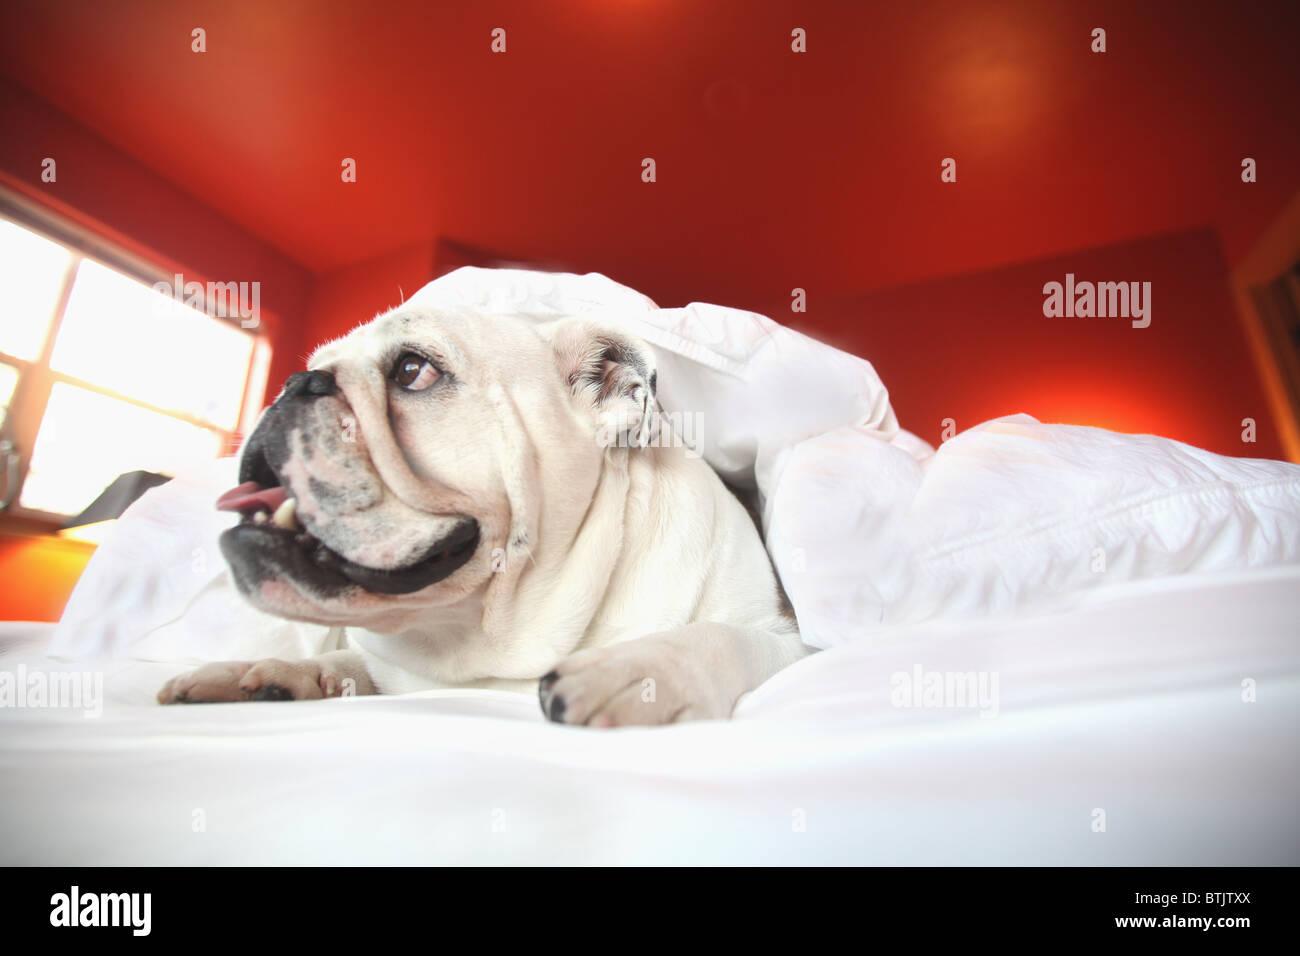 Feliz bull dog sentando en la cama debajo de cubiertas Imagen De Stock